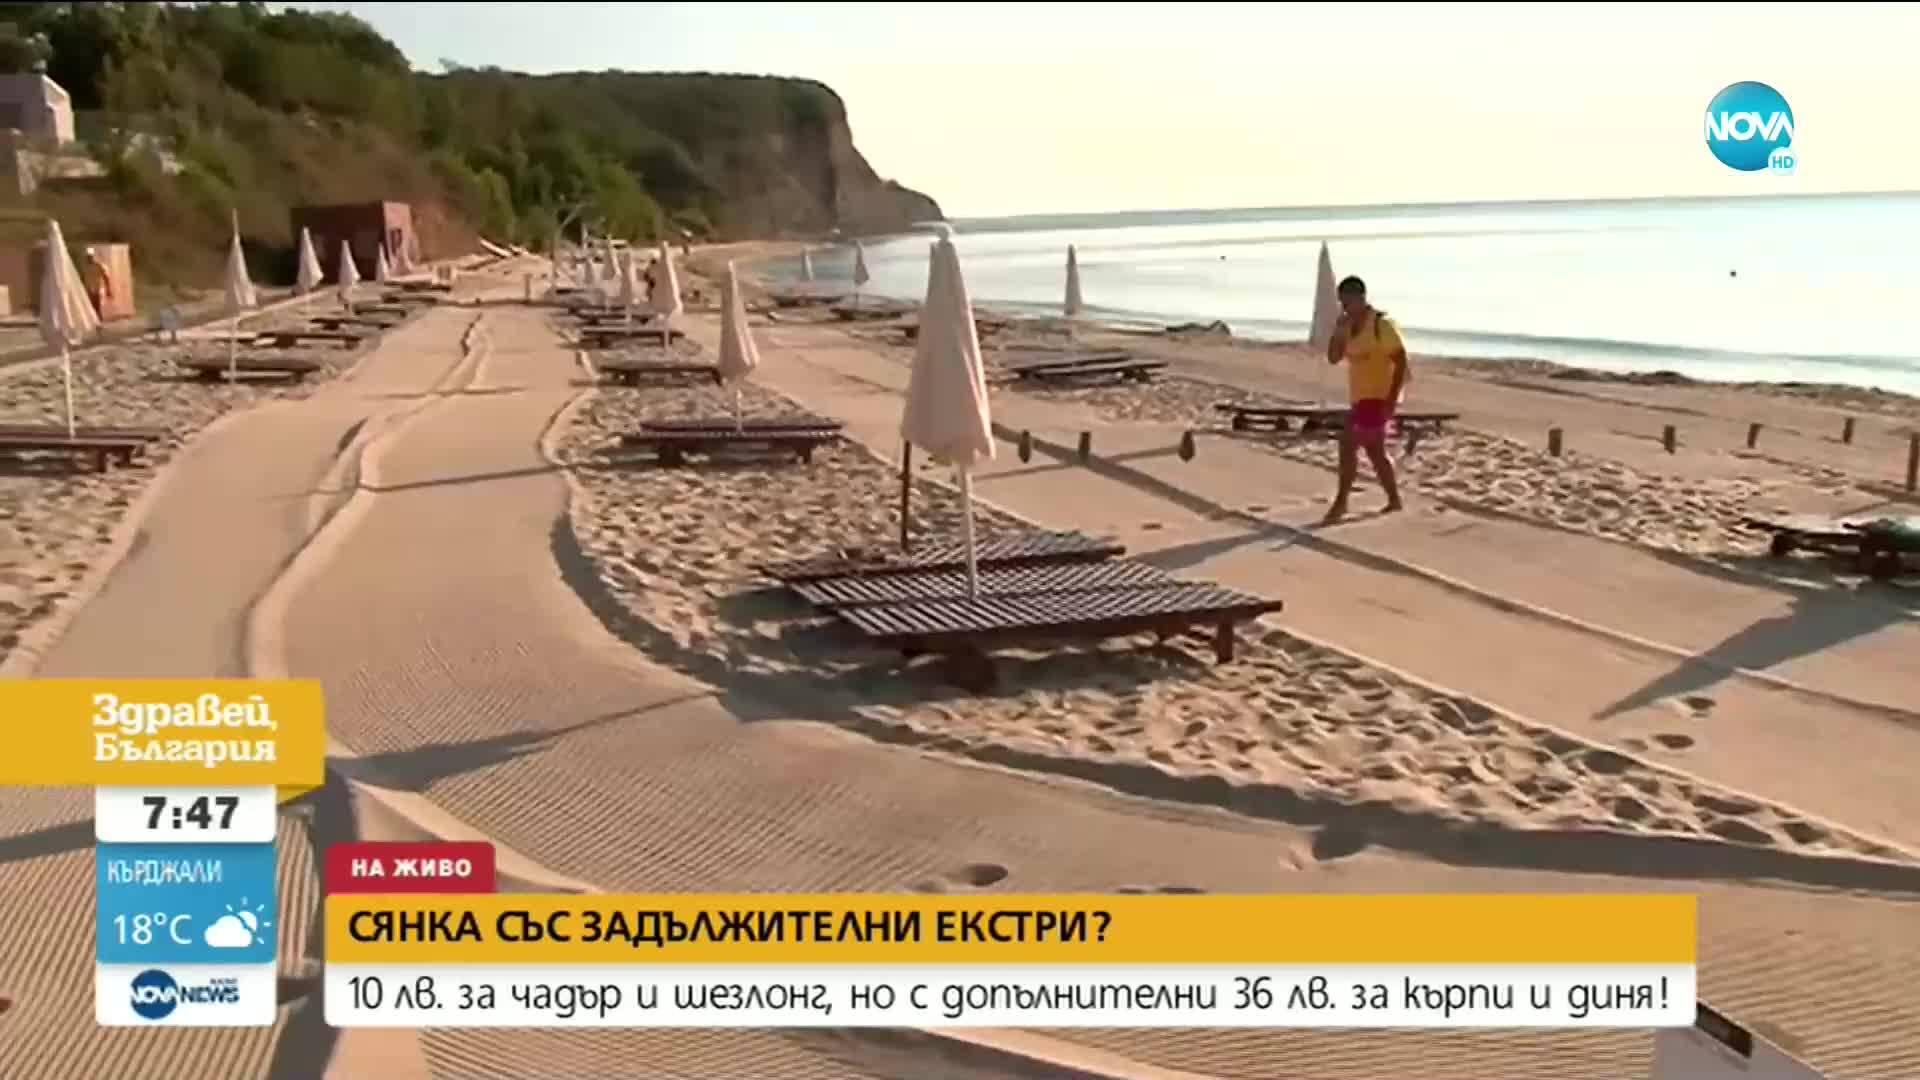 """Такса """"диня и кърпа"""" за 36 лв. разгневи туристи на плаж """"Вая"""""""